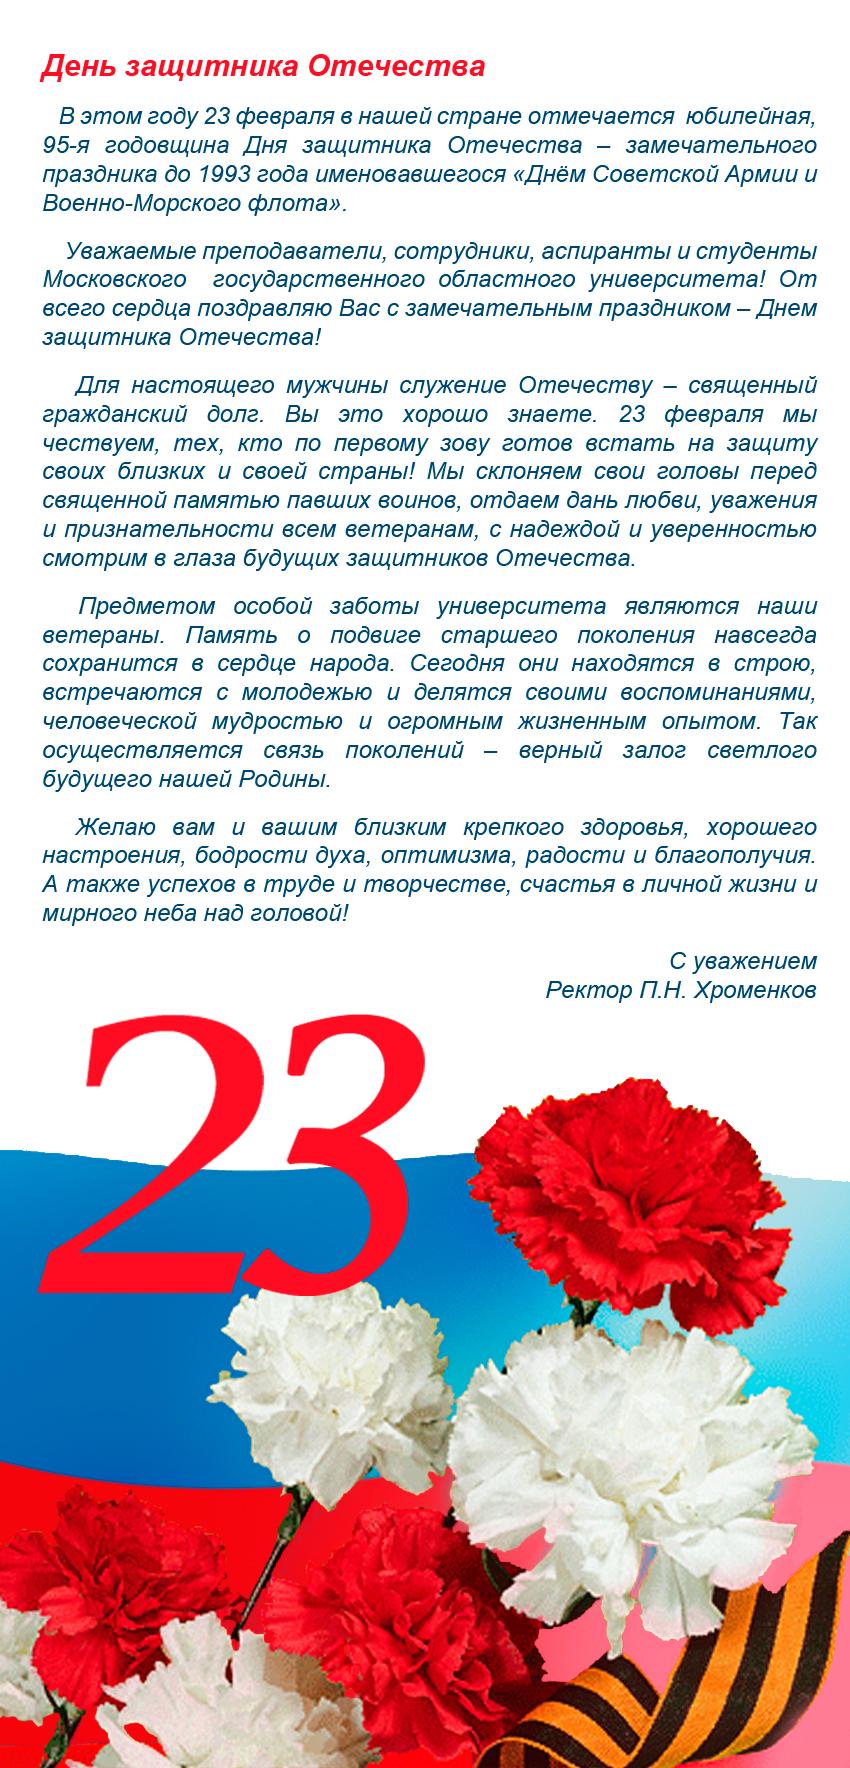 Поздравления к дню защитника отечества своими словами